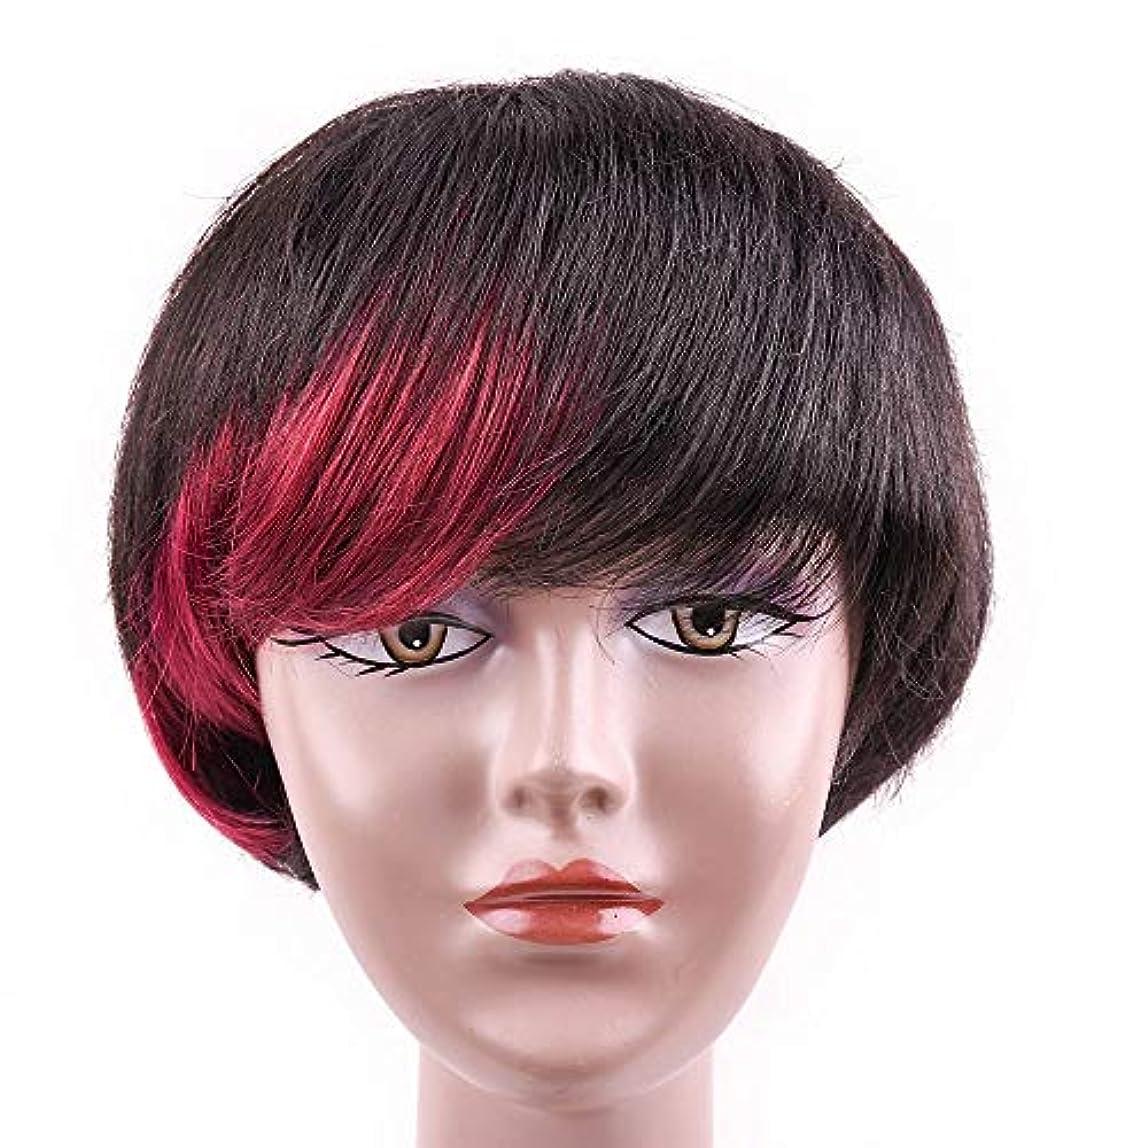 海峡フラフープ夜WASAIO 女性6インチ黒100%人毛ショートボブウィッグレッドカラーのフィンガーウェーブフラッパーウィッグパーティーのコスプレを強調するために (色 : 黒, サイズ : 6 inch)